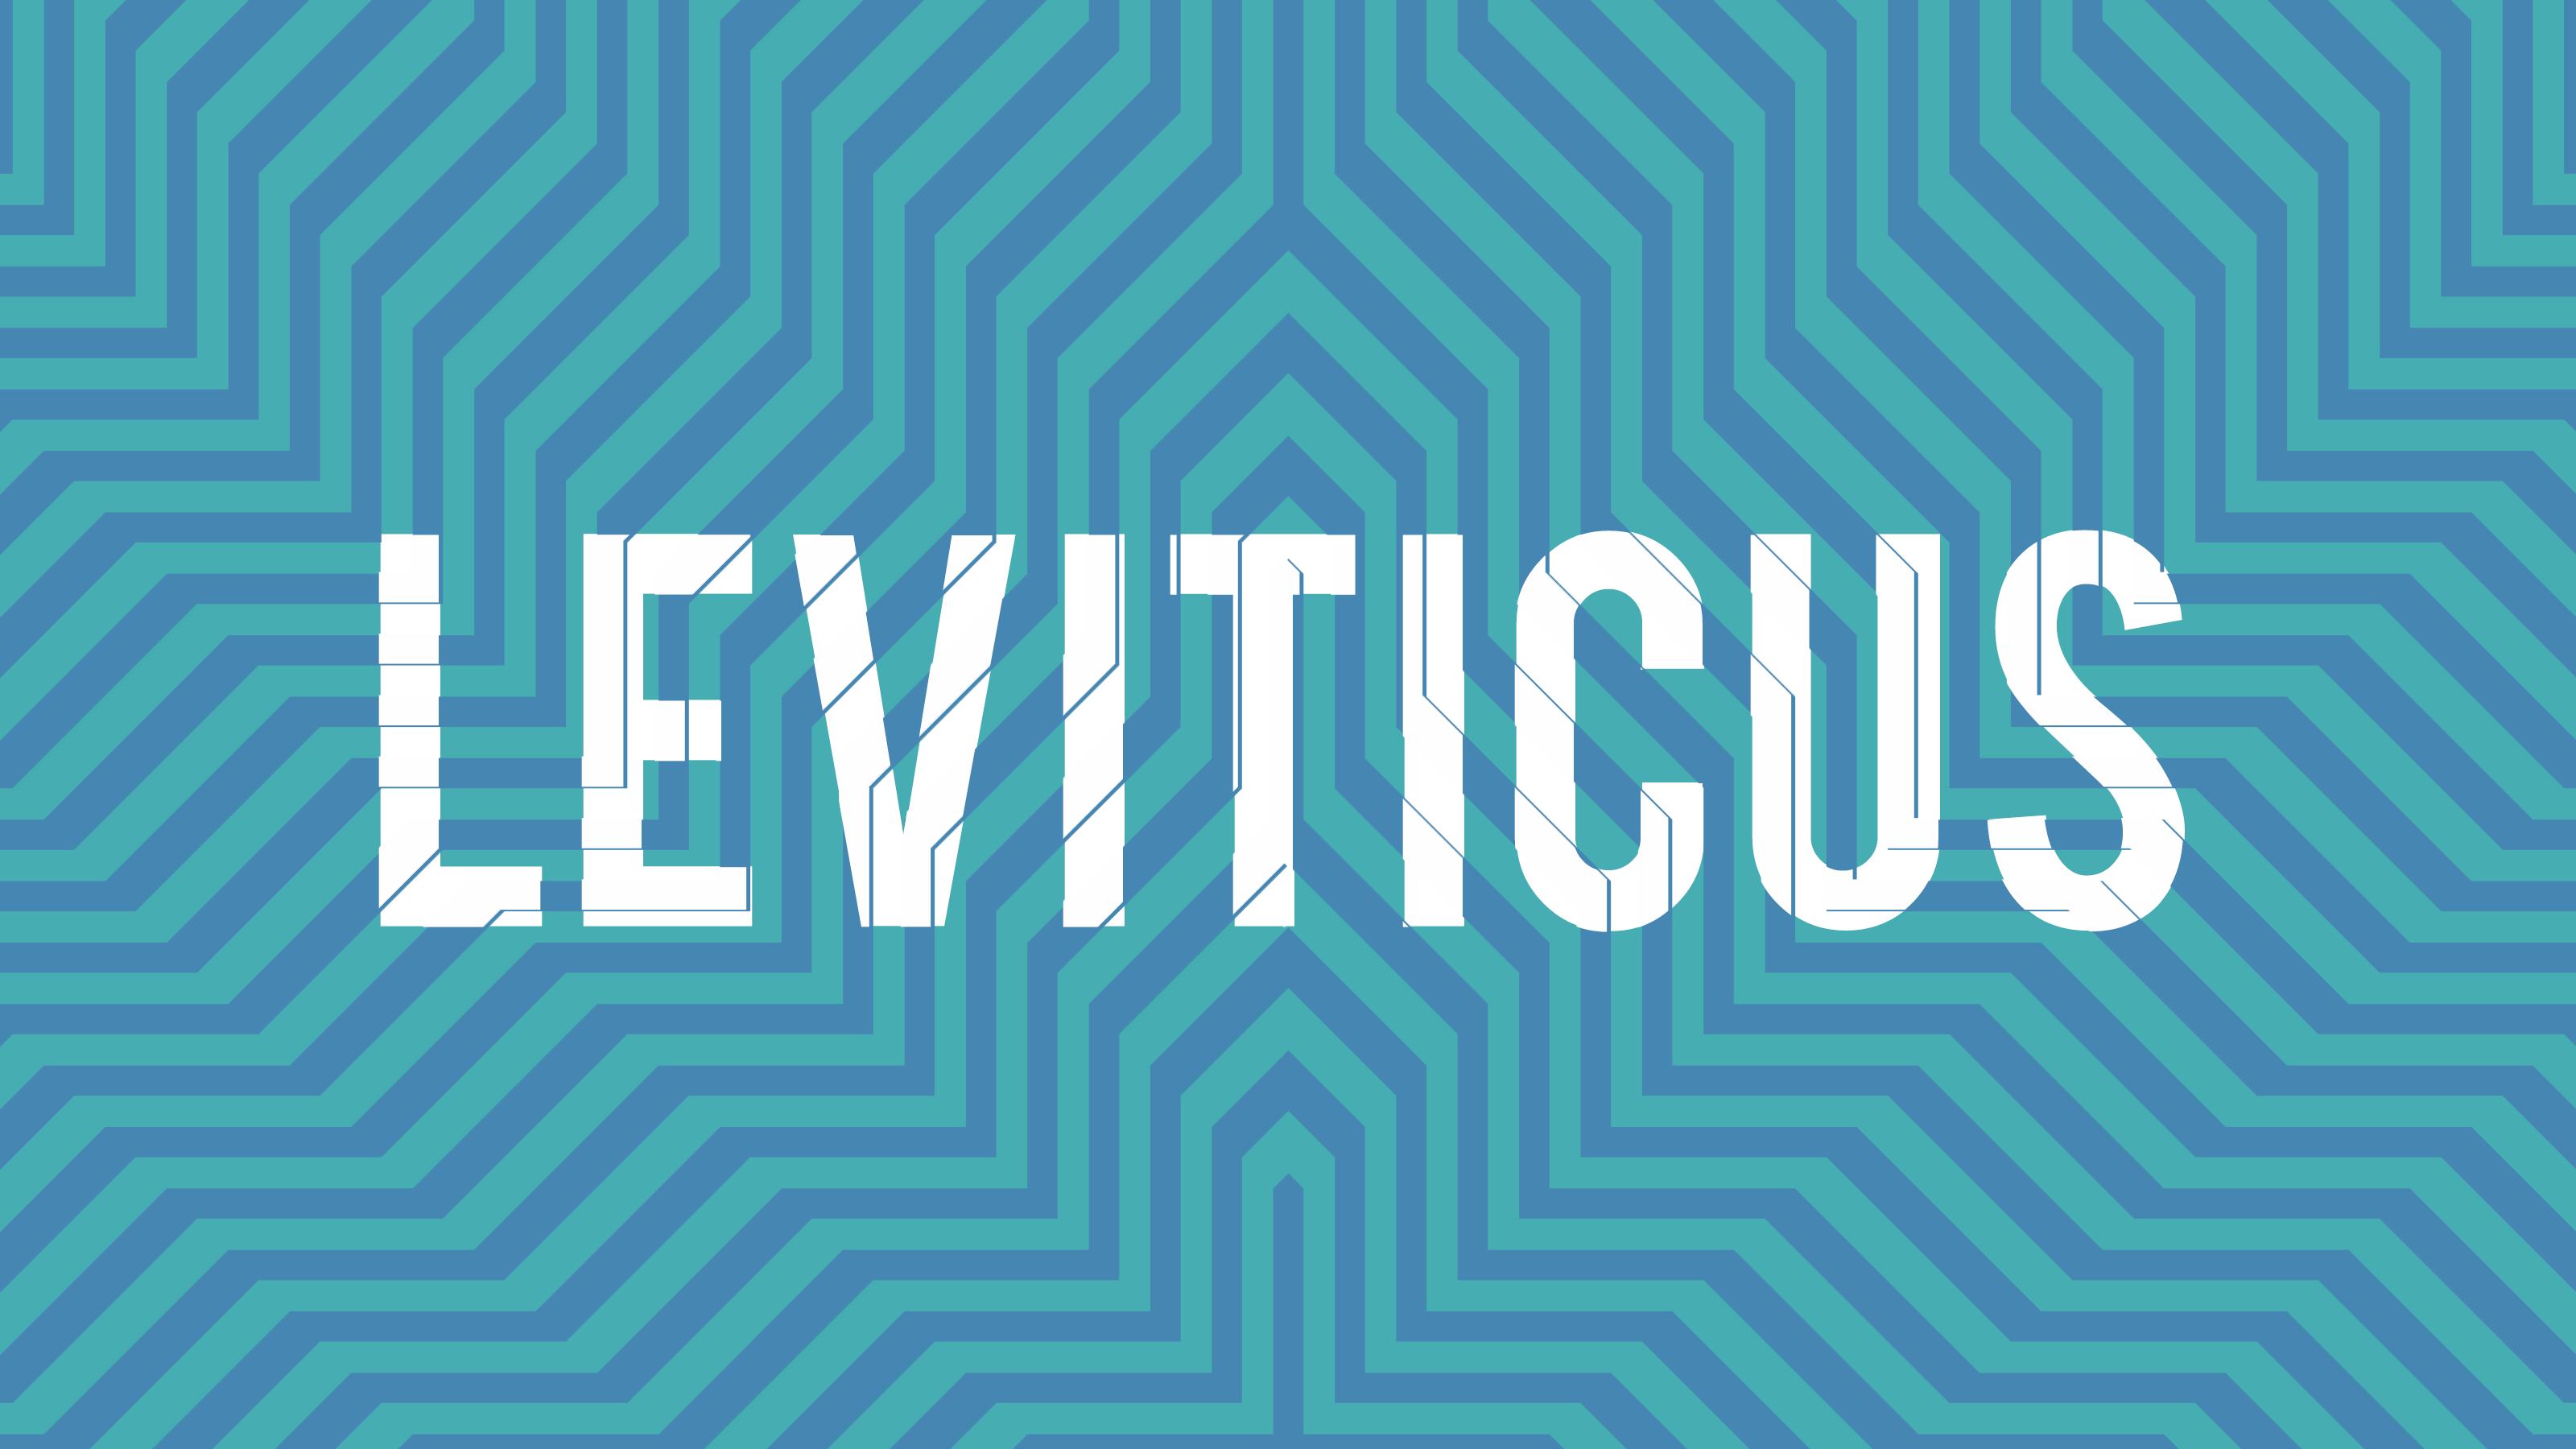 Leviticus 1-4